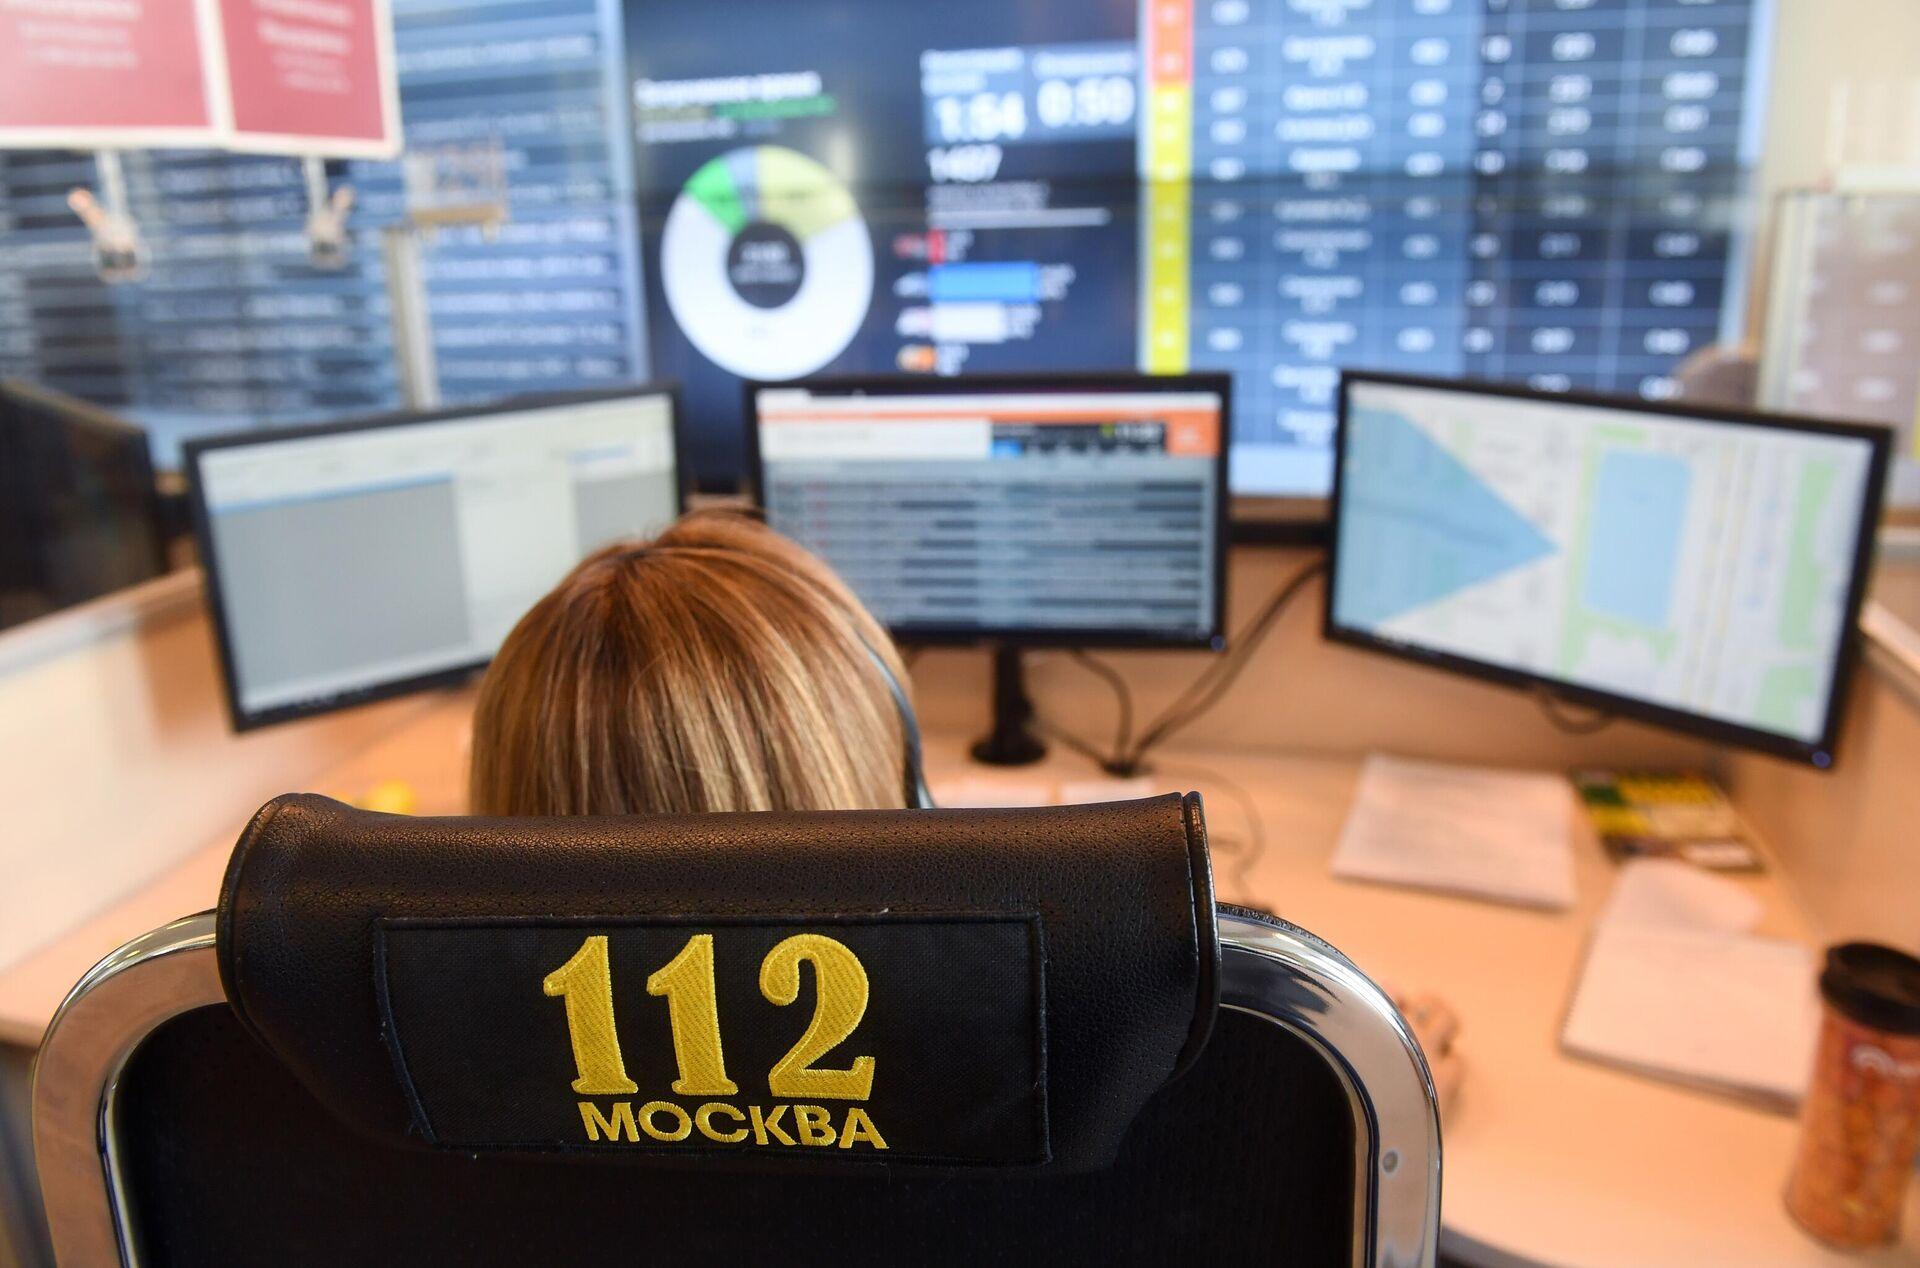 Работа Службы 112 Москвы - РИА Новости, 1920, 15.03.2021